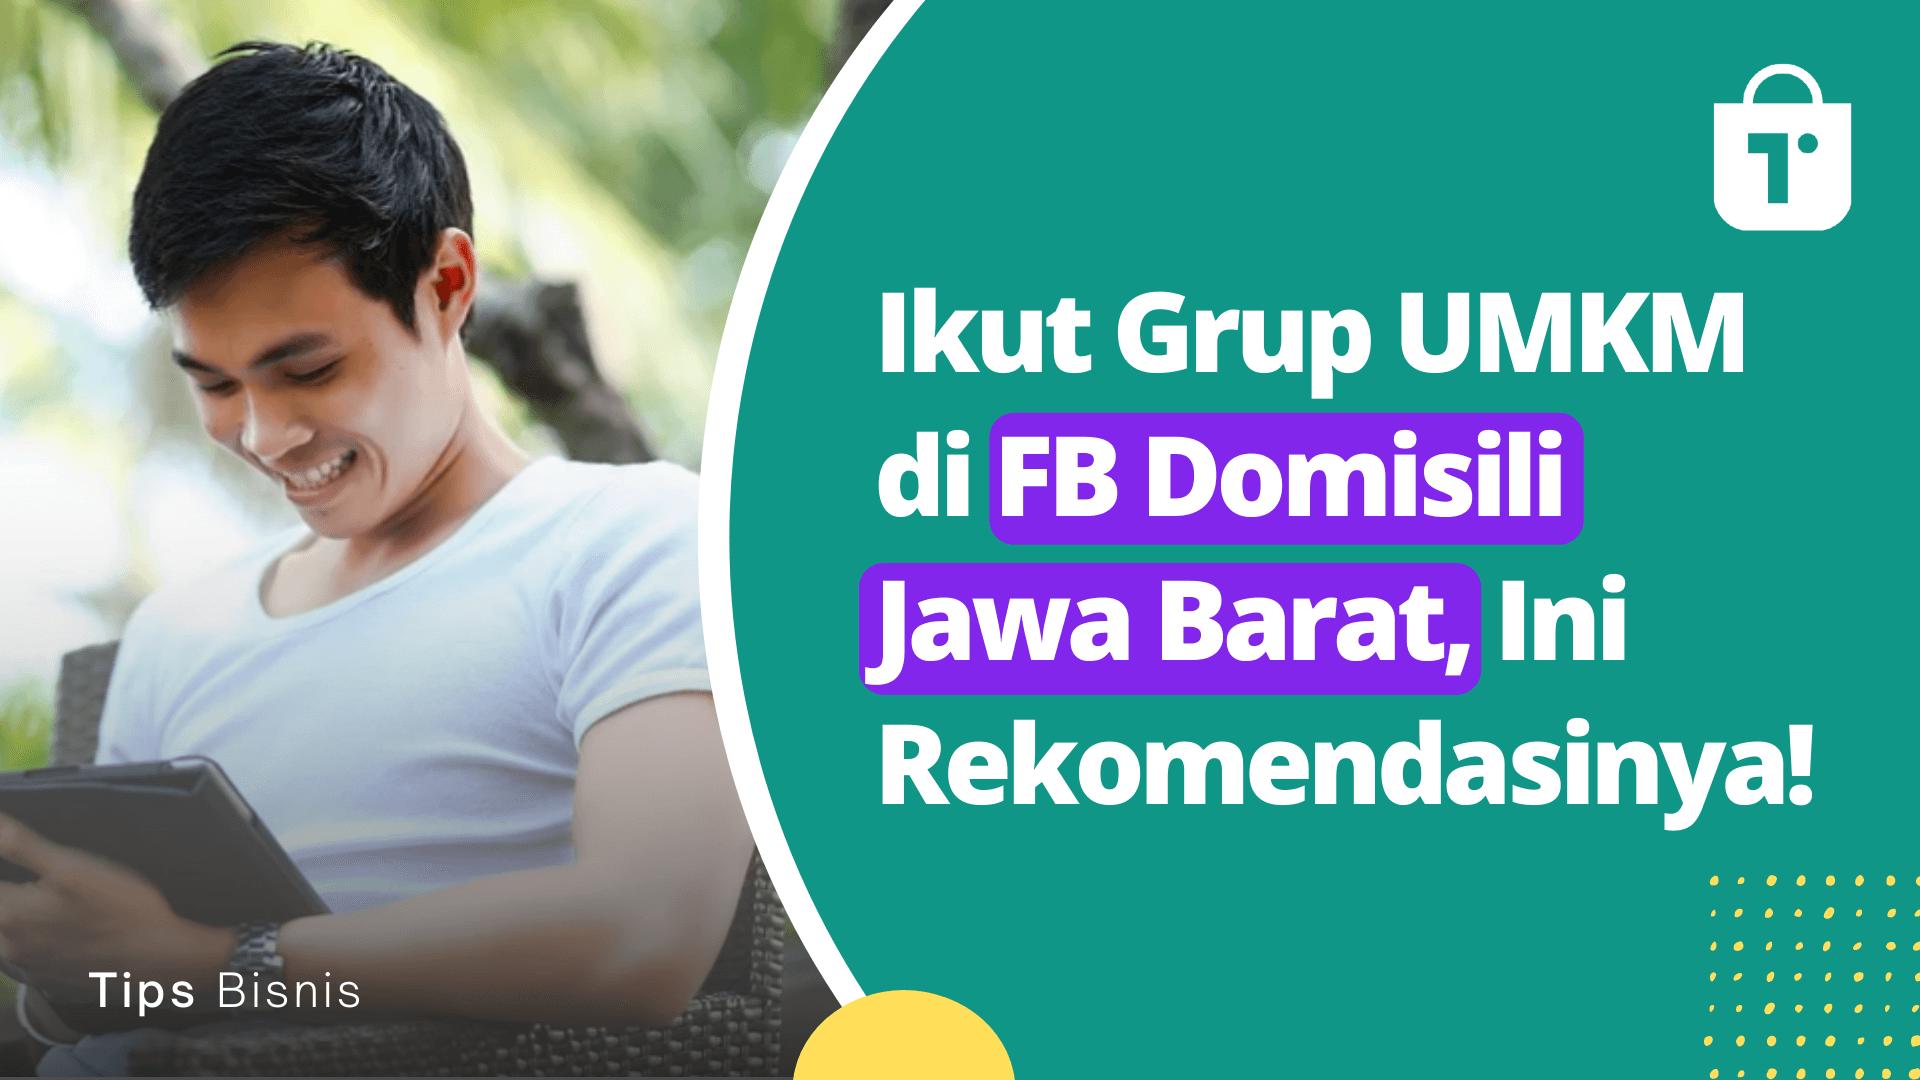 8 Rekomendasi Grup Bisnis UMKM di Facebook (Domisili Jawa Barat)